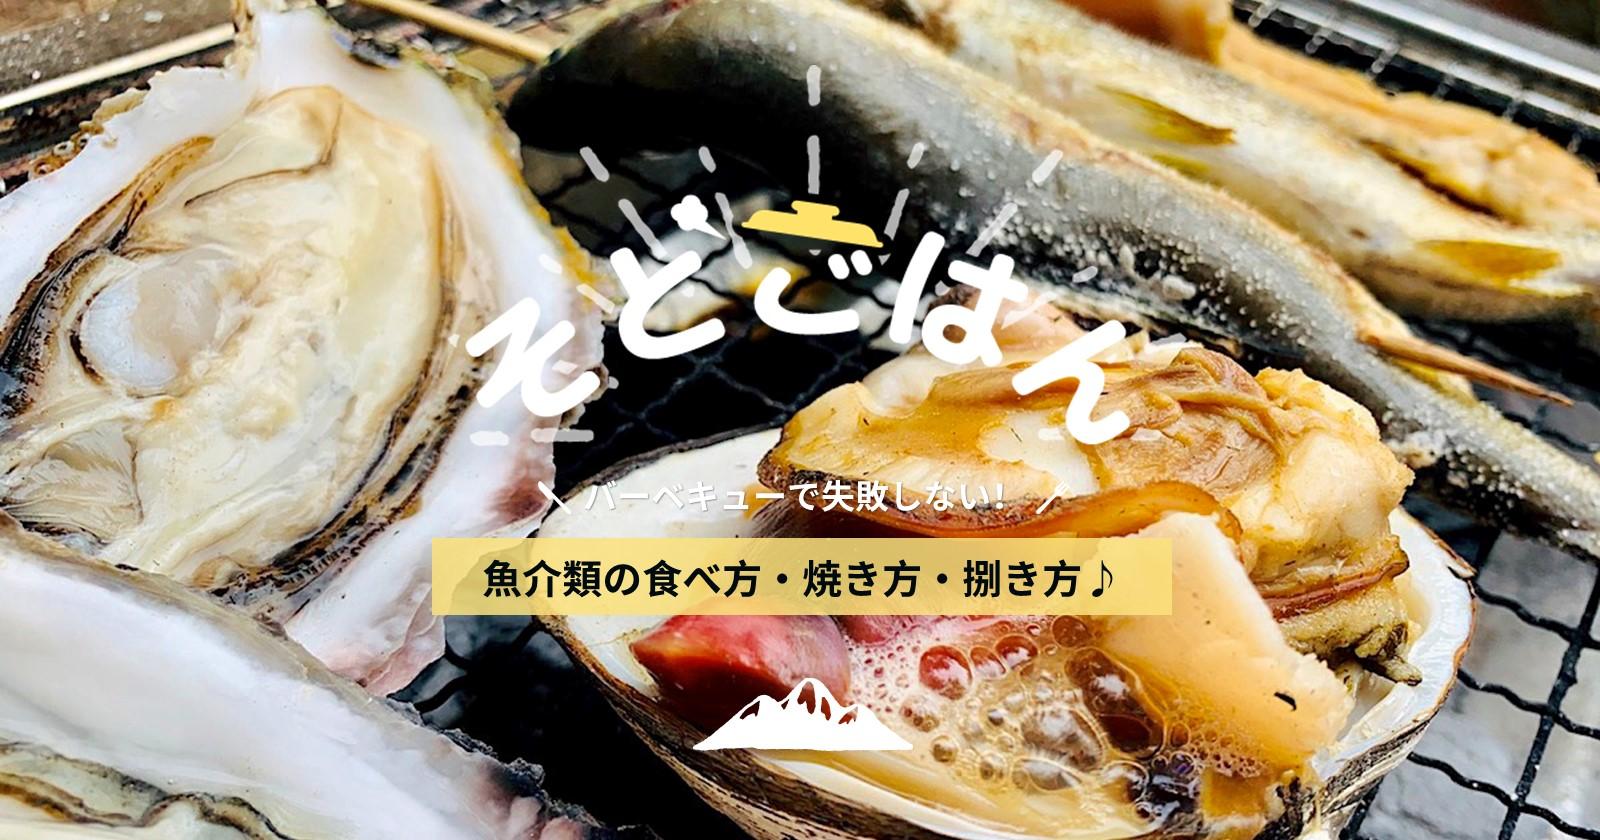 方 鮎 焼き